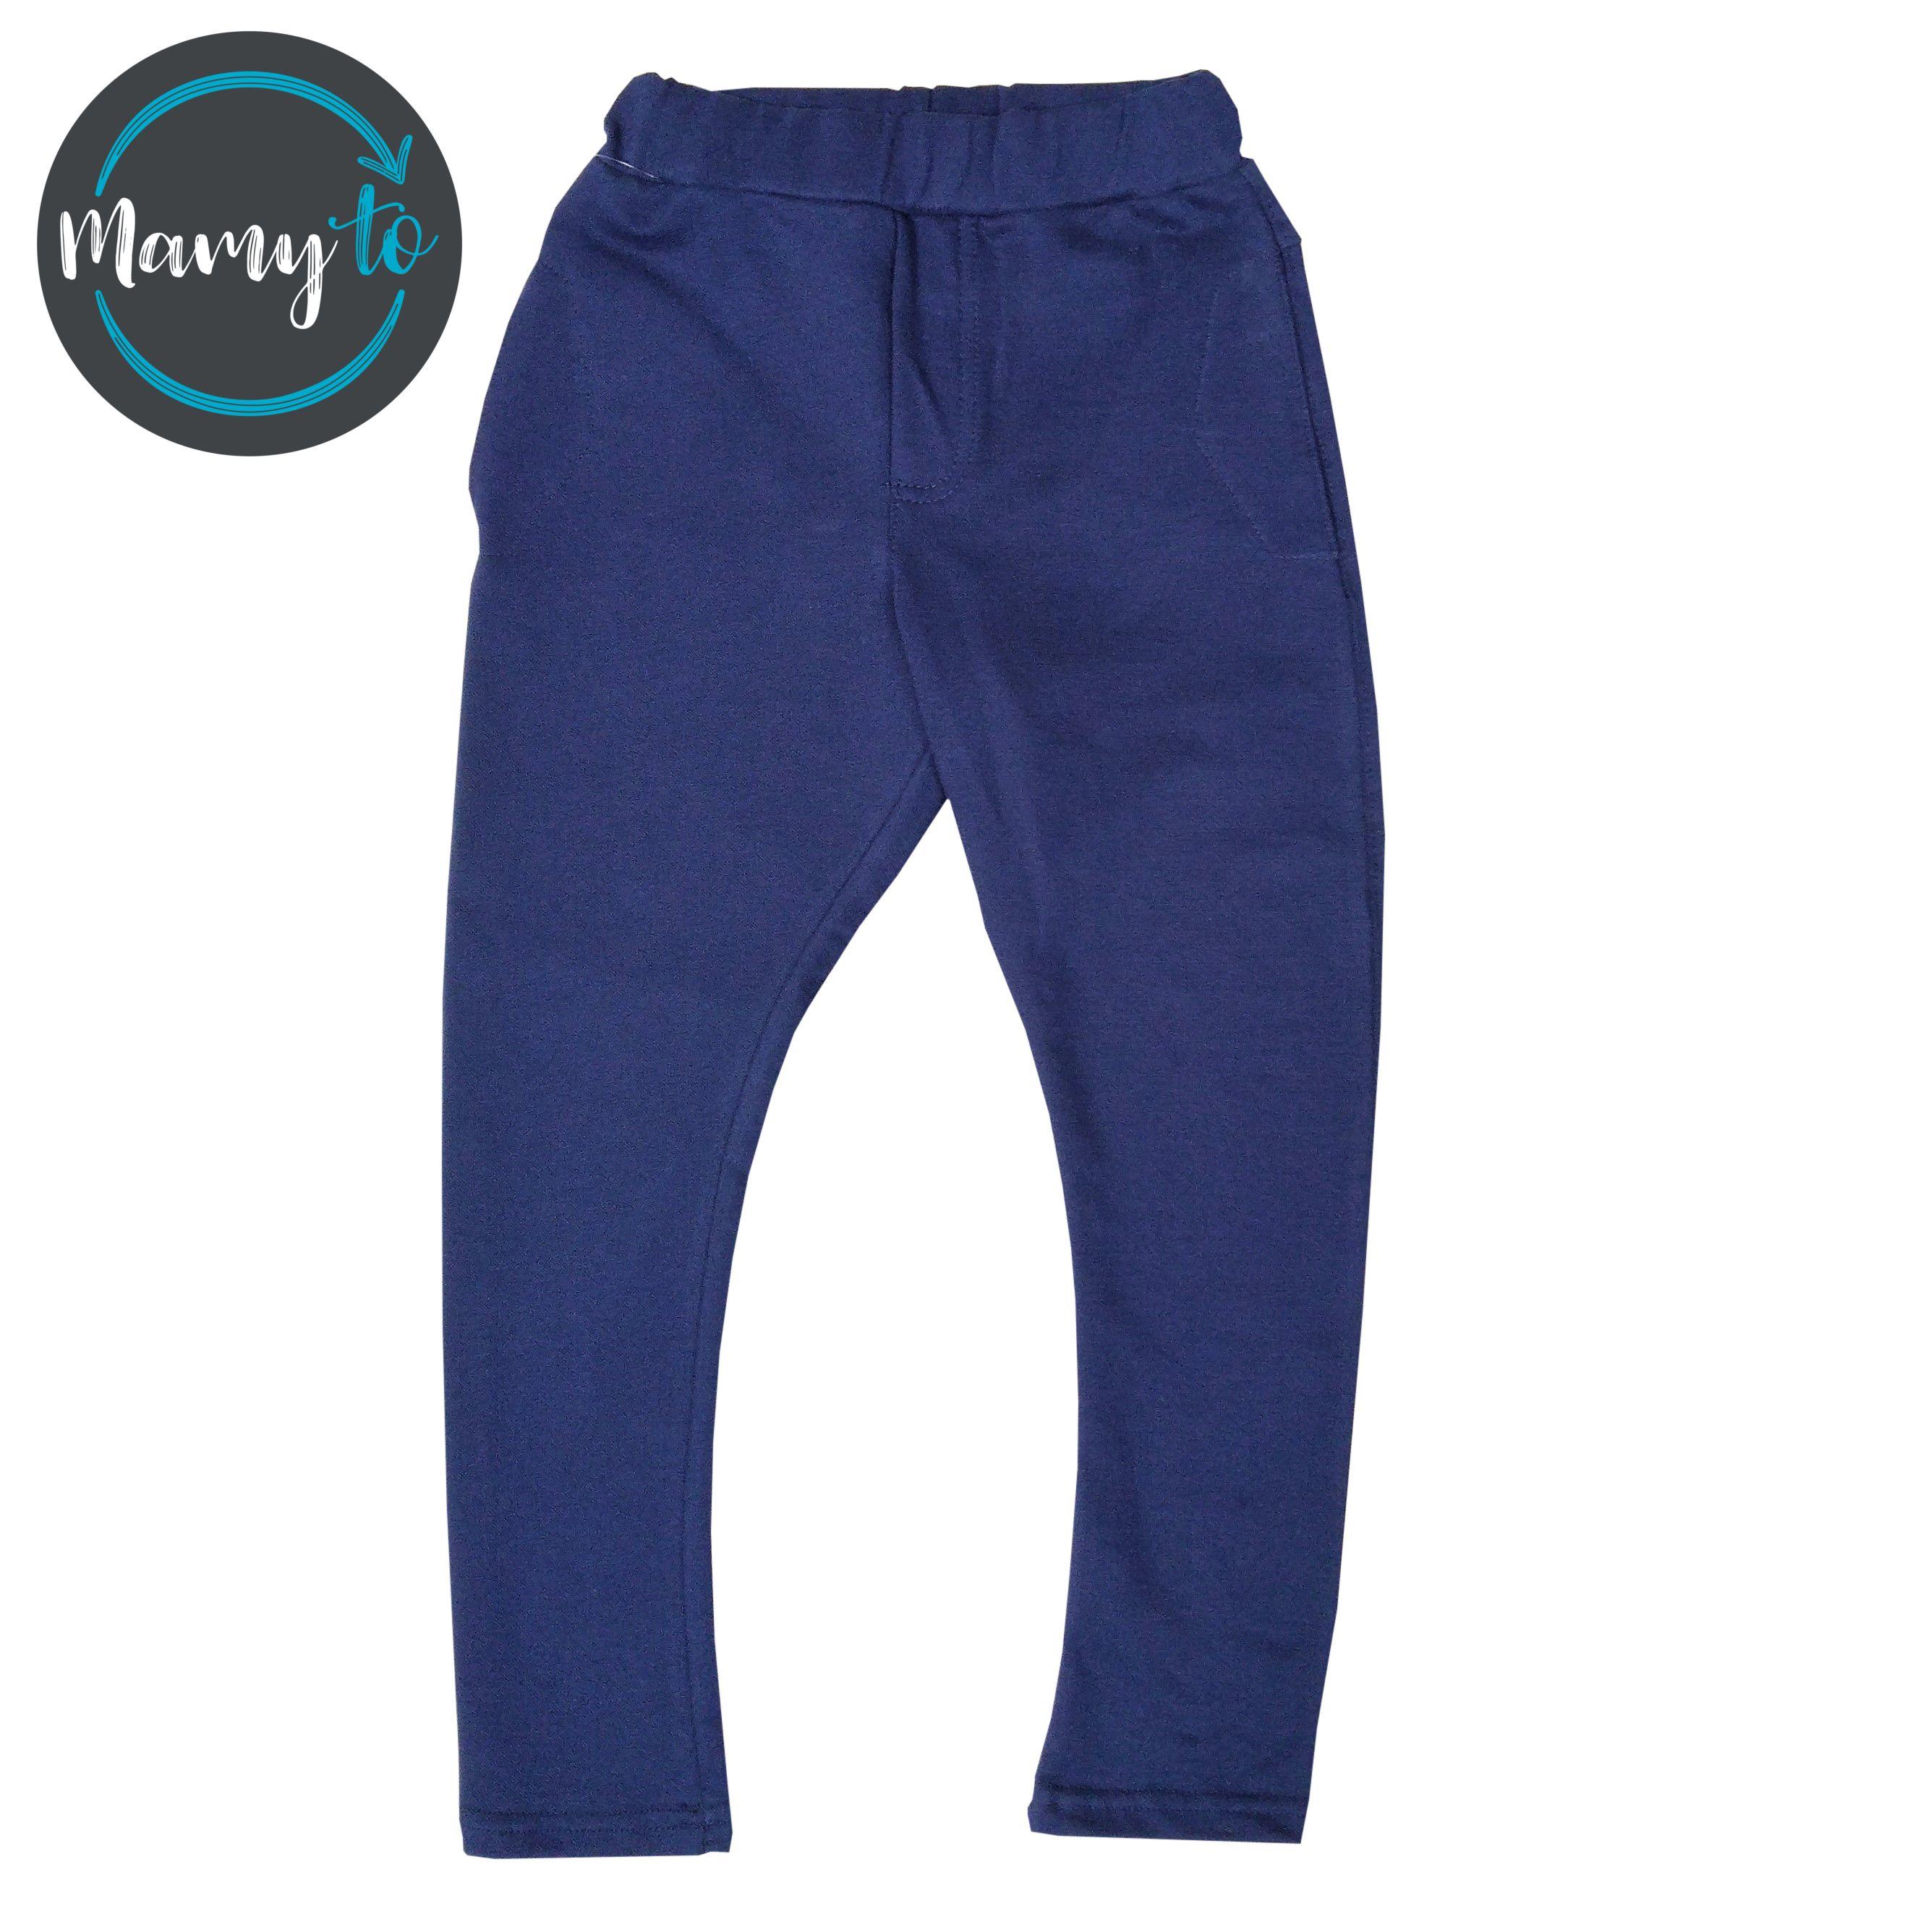 All For Kids Spodnie Chlopiece 92 98 Promocja 6982948762 Oficjalne Archiwum Allegro Sweatpants Trendy Pants